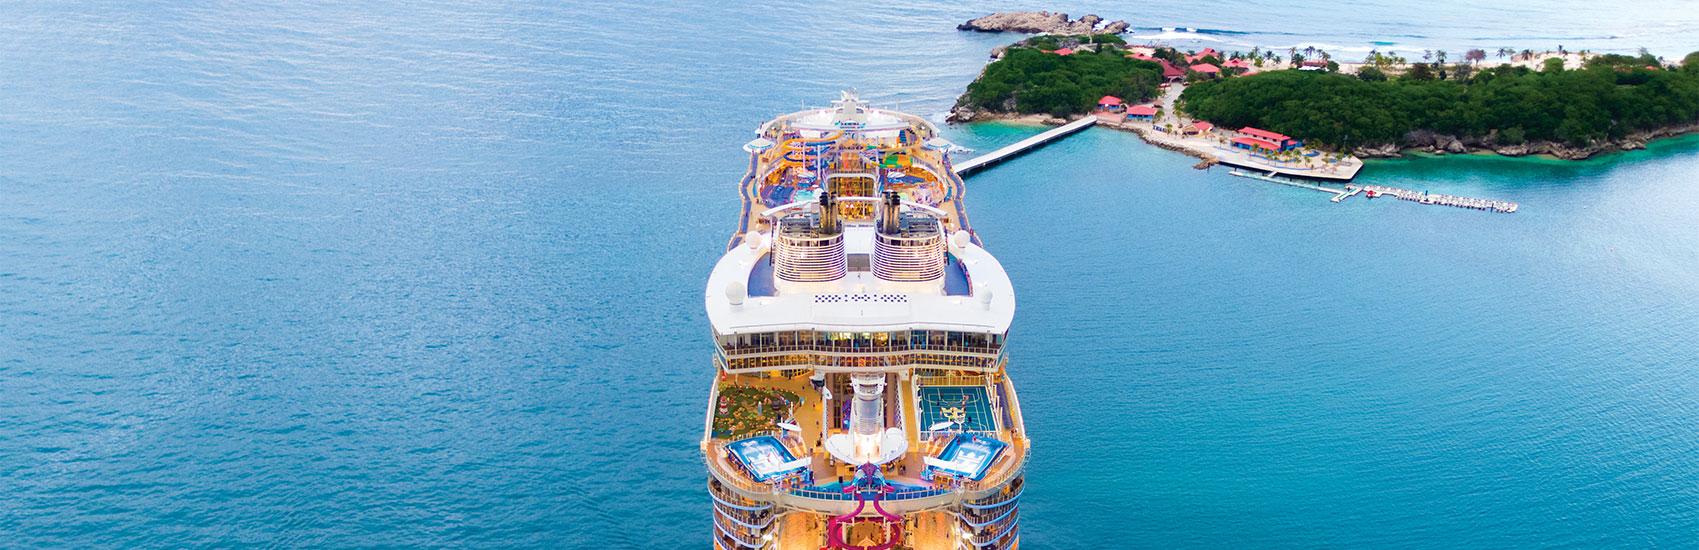 Royal Caribbean Savings 0